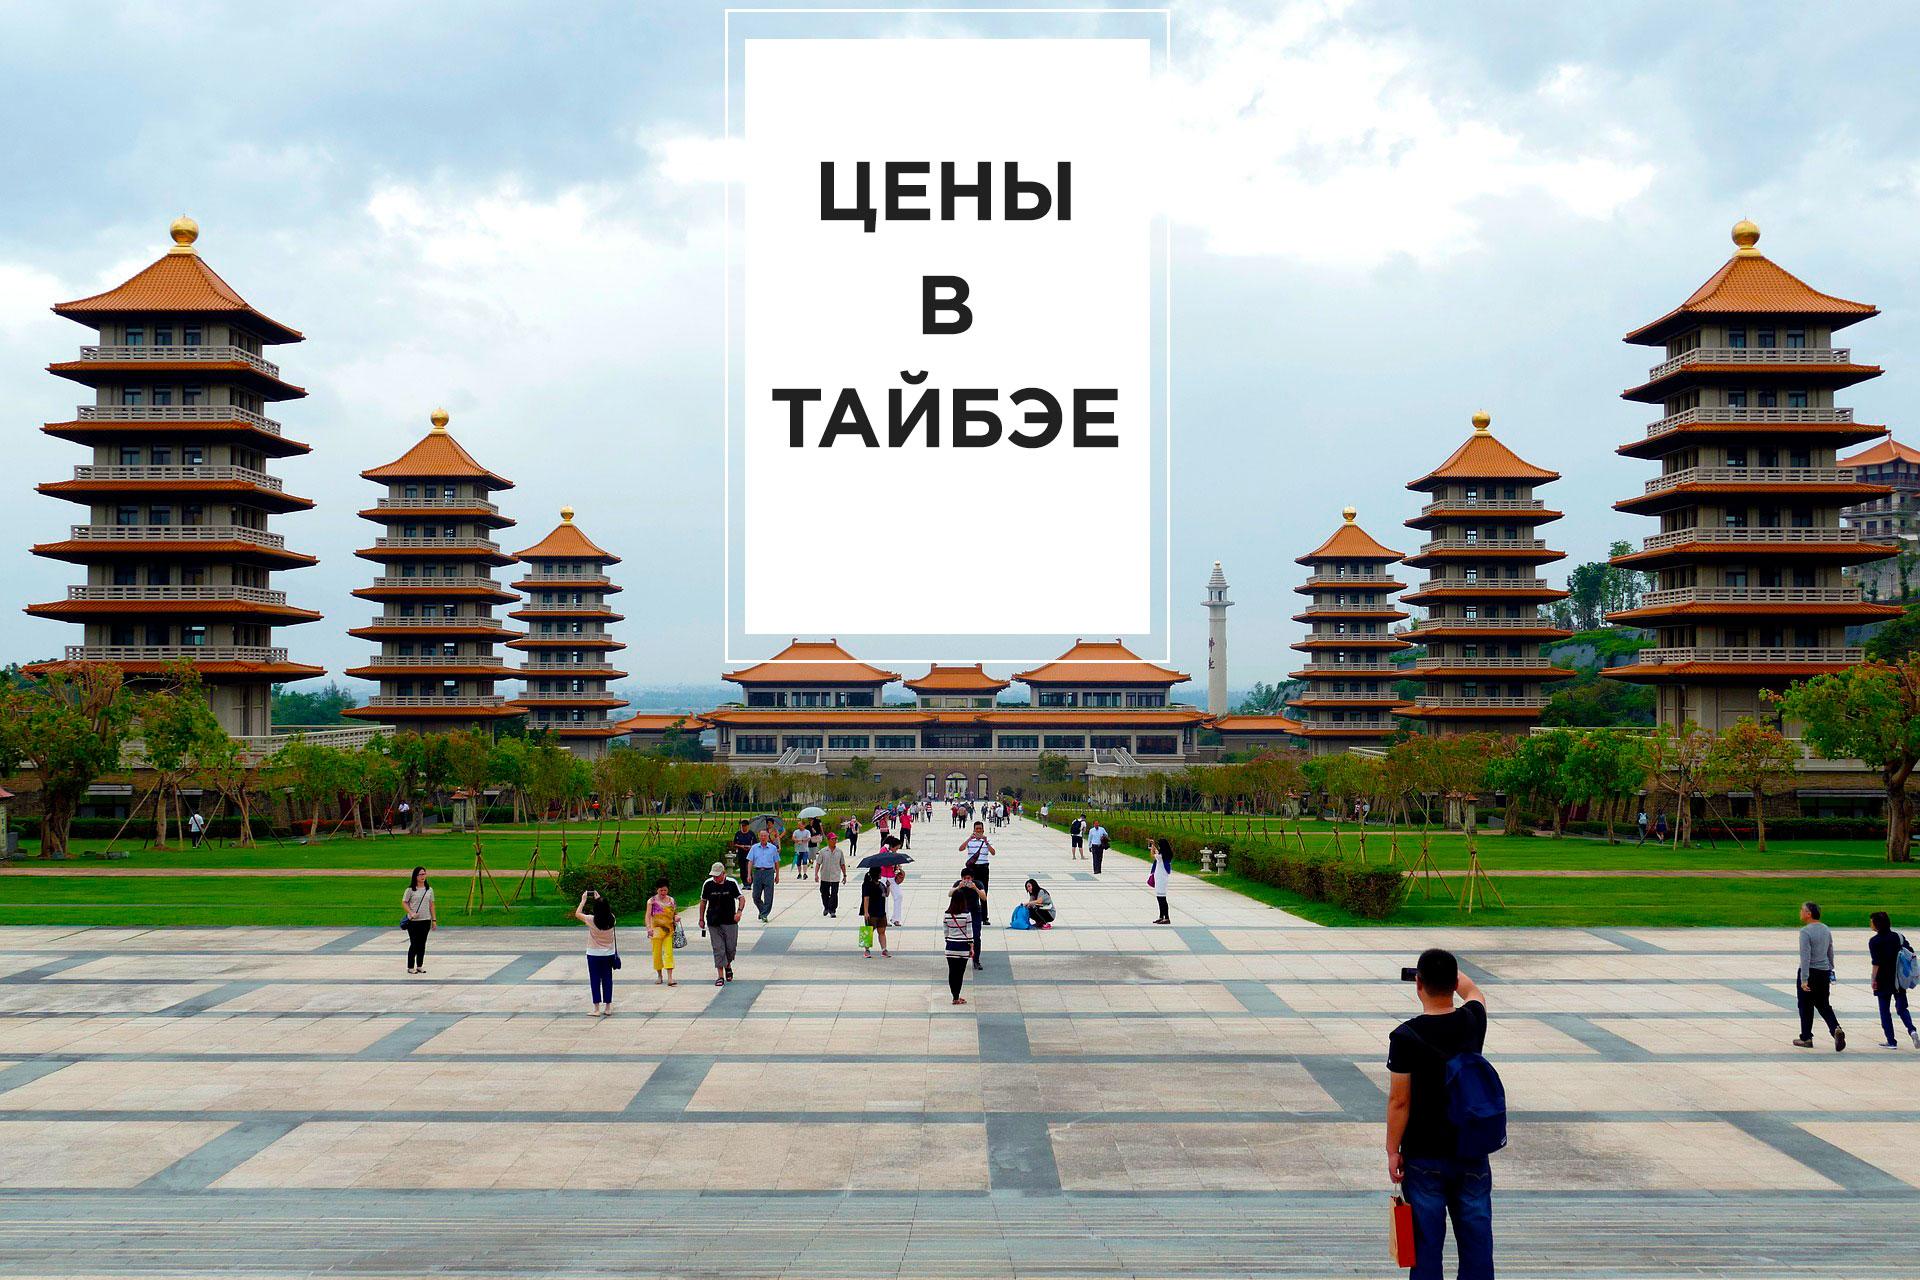 Цены в Тайбэе, Тайвань – ежедневный бюджет туриста